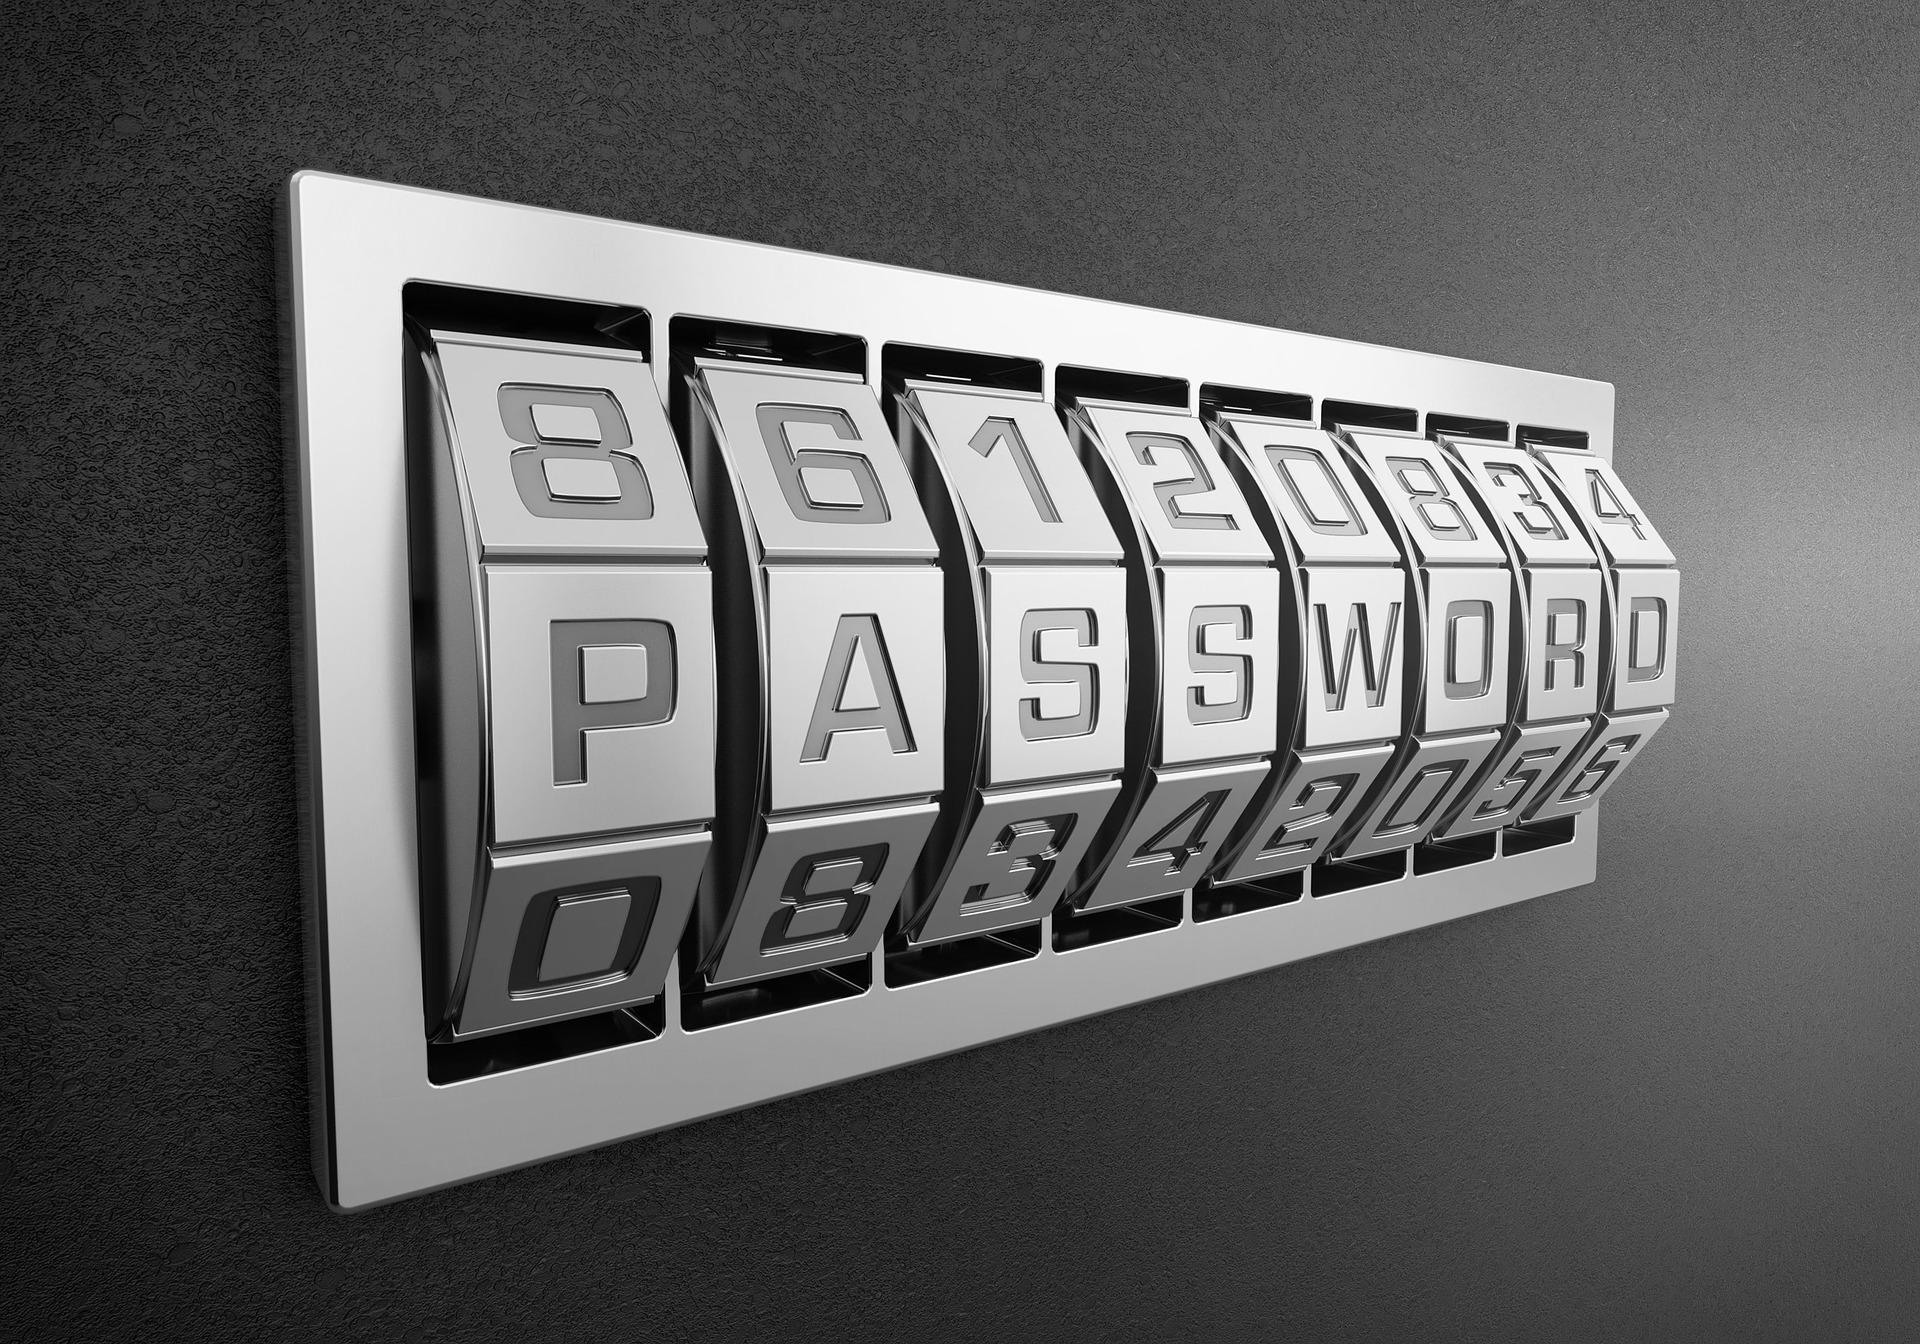 Como proteger tu teléfono de virus y hackers